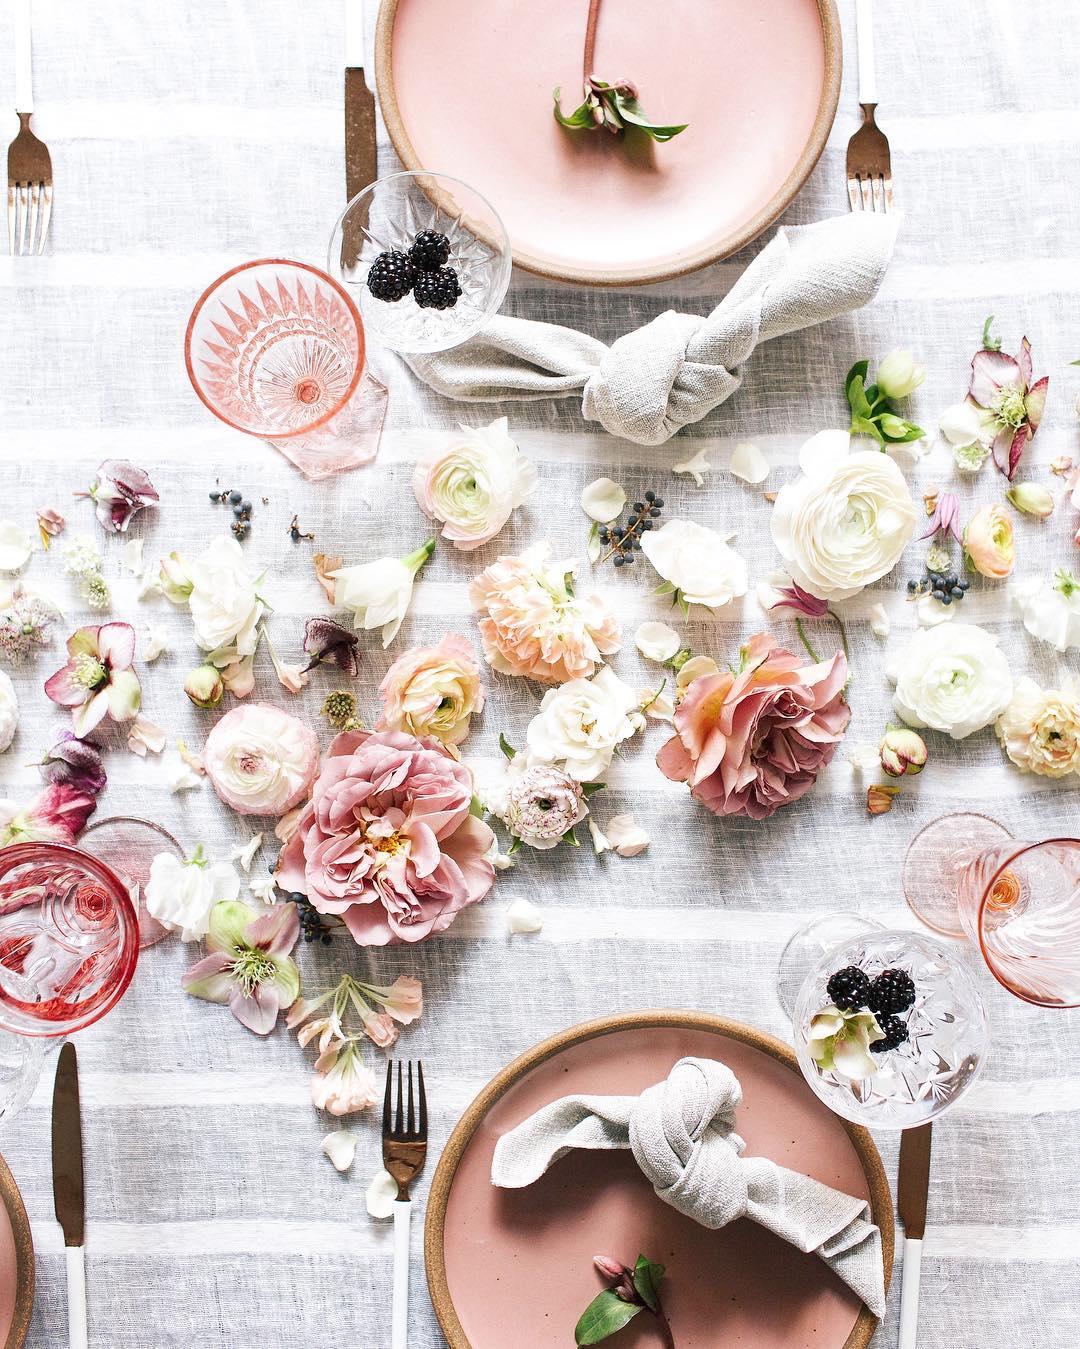 Idee per decorare la tavola di primavera